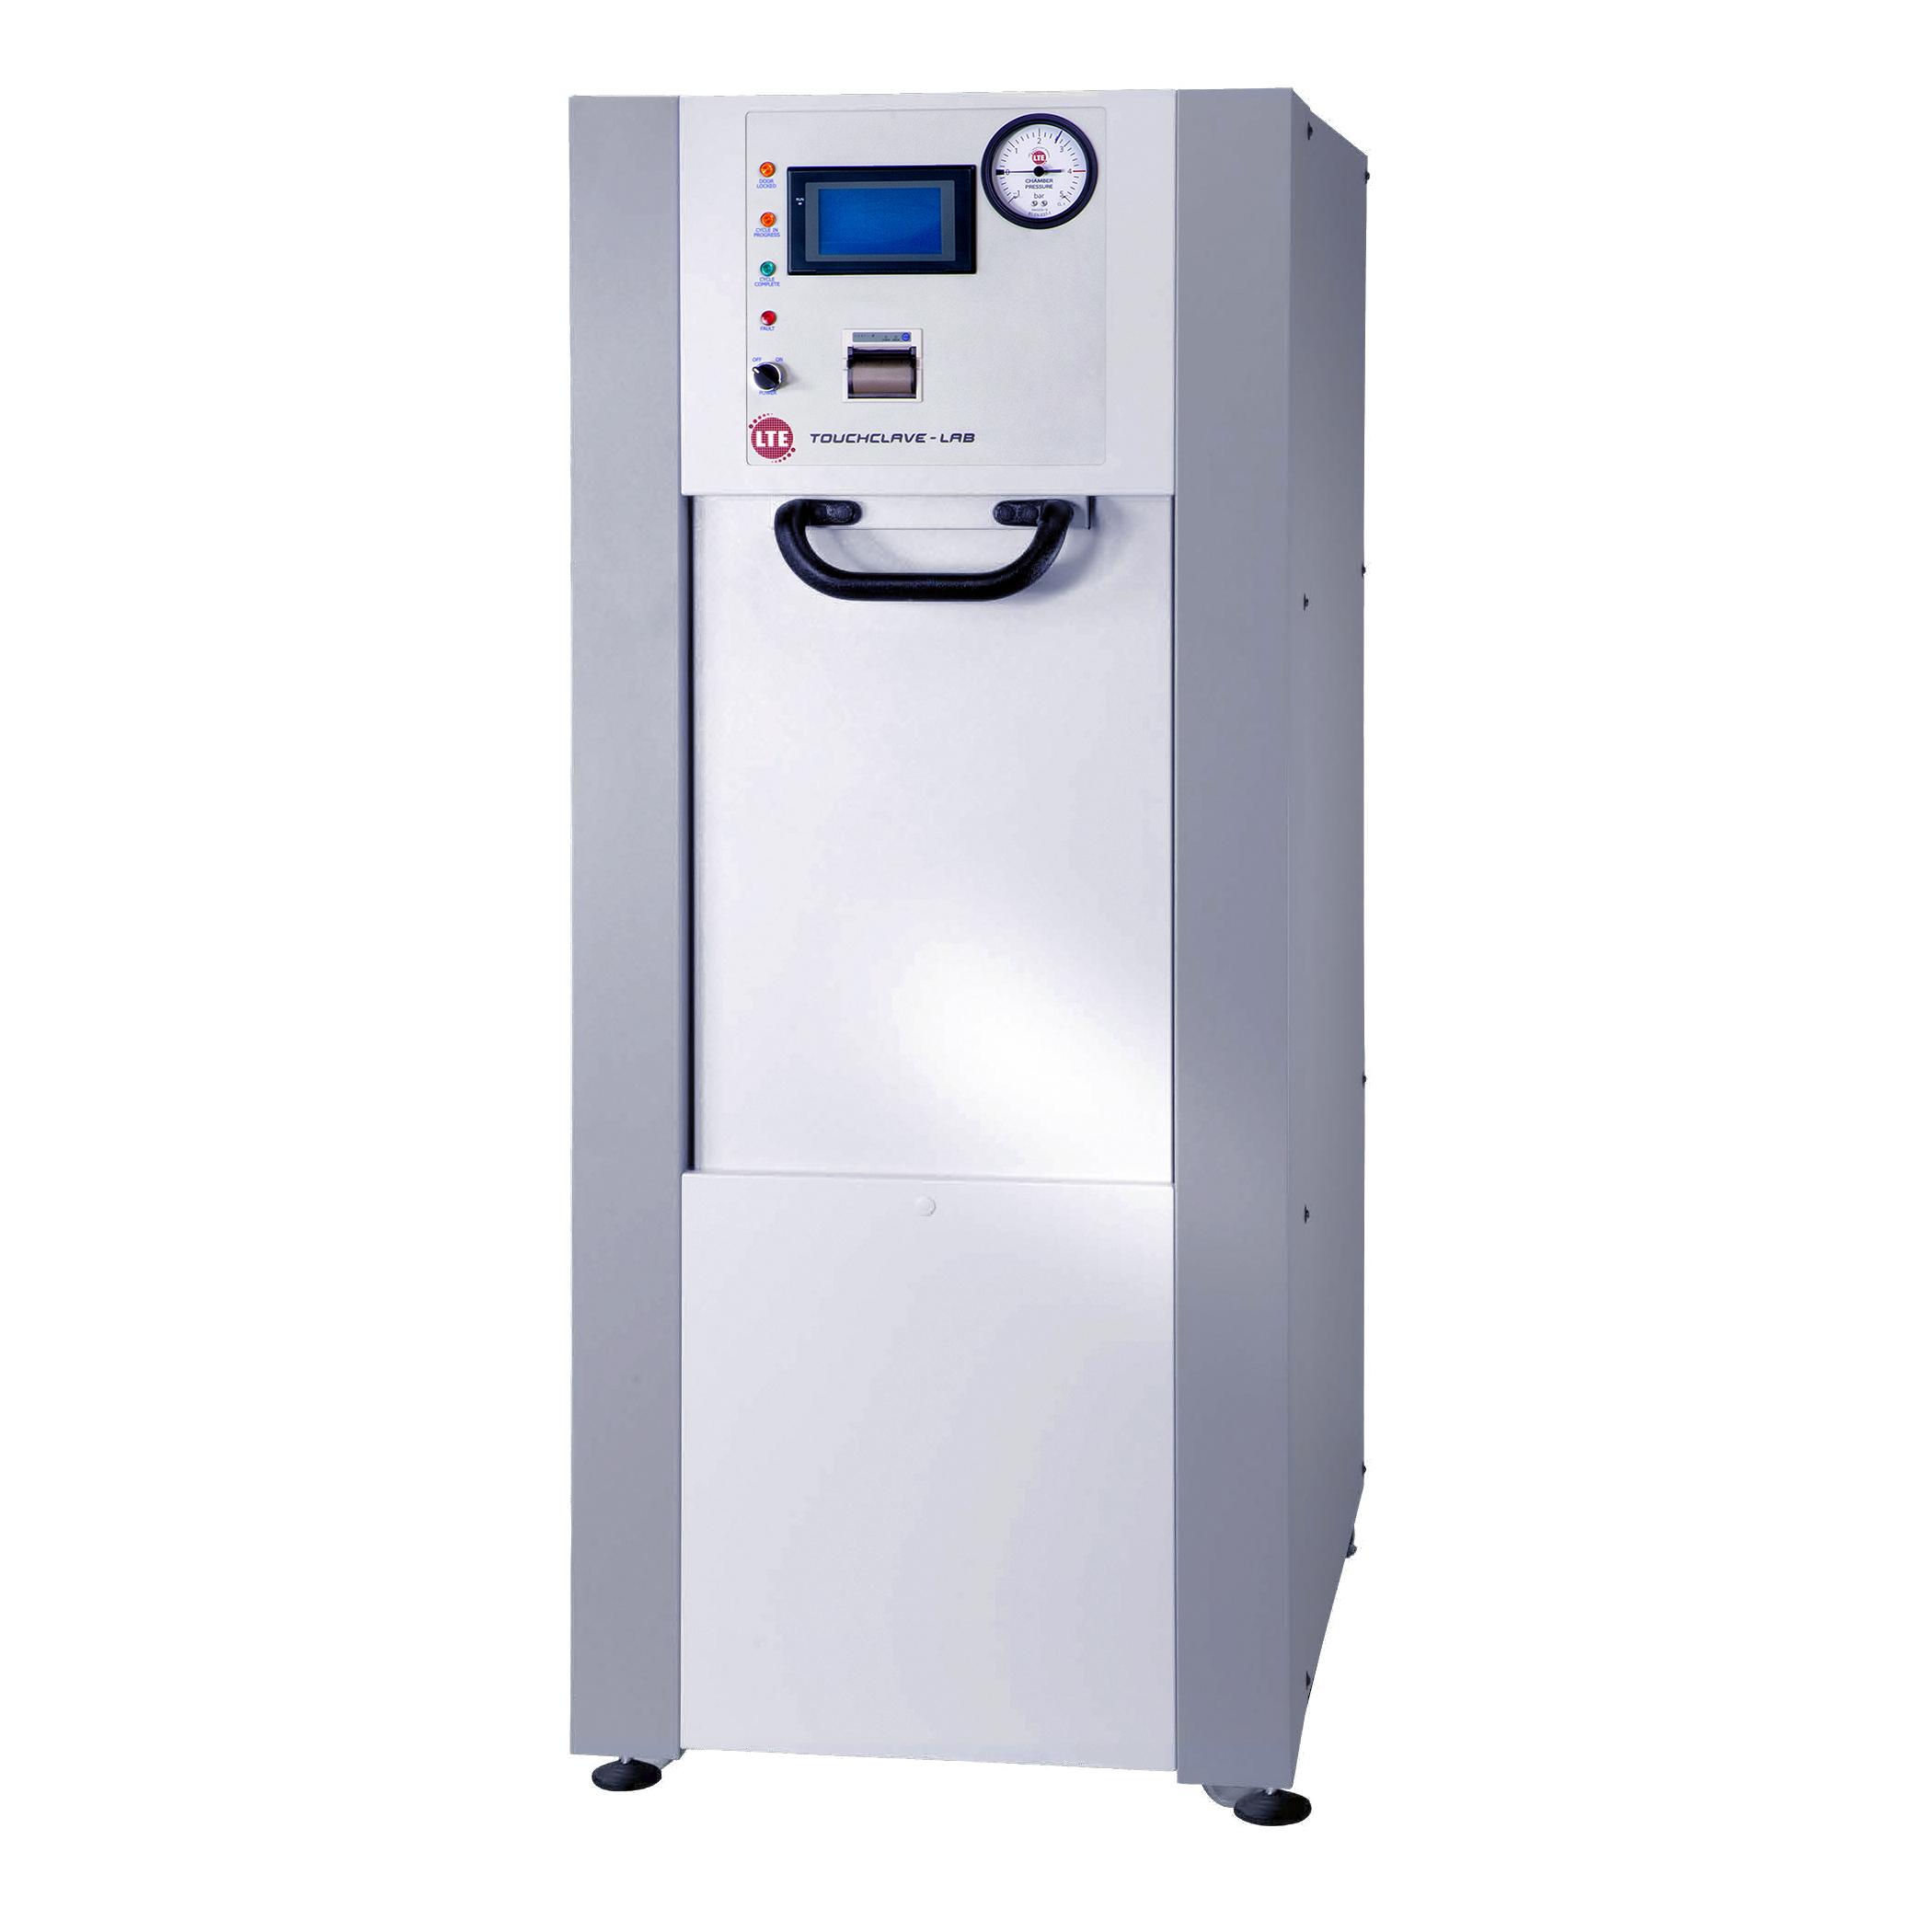 Touchclave-F Lab Autoclave